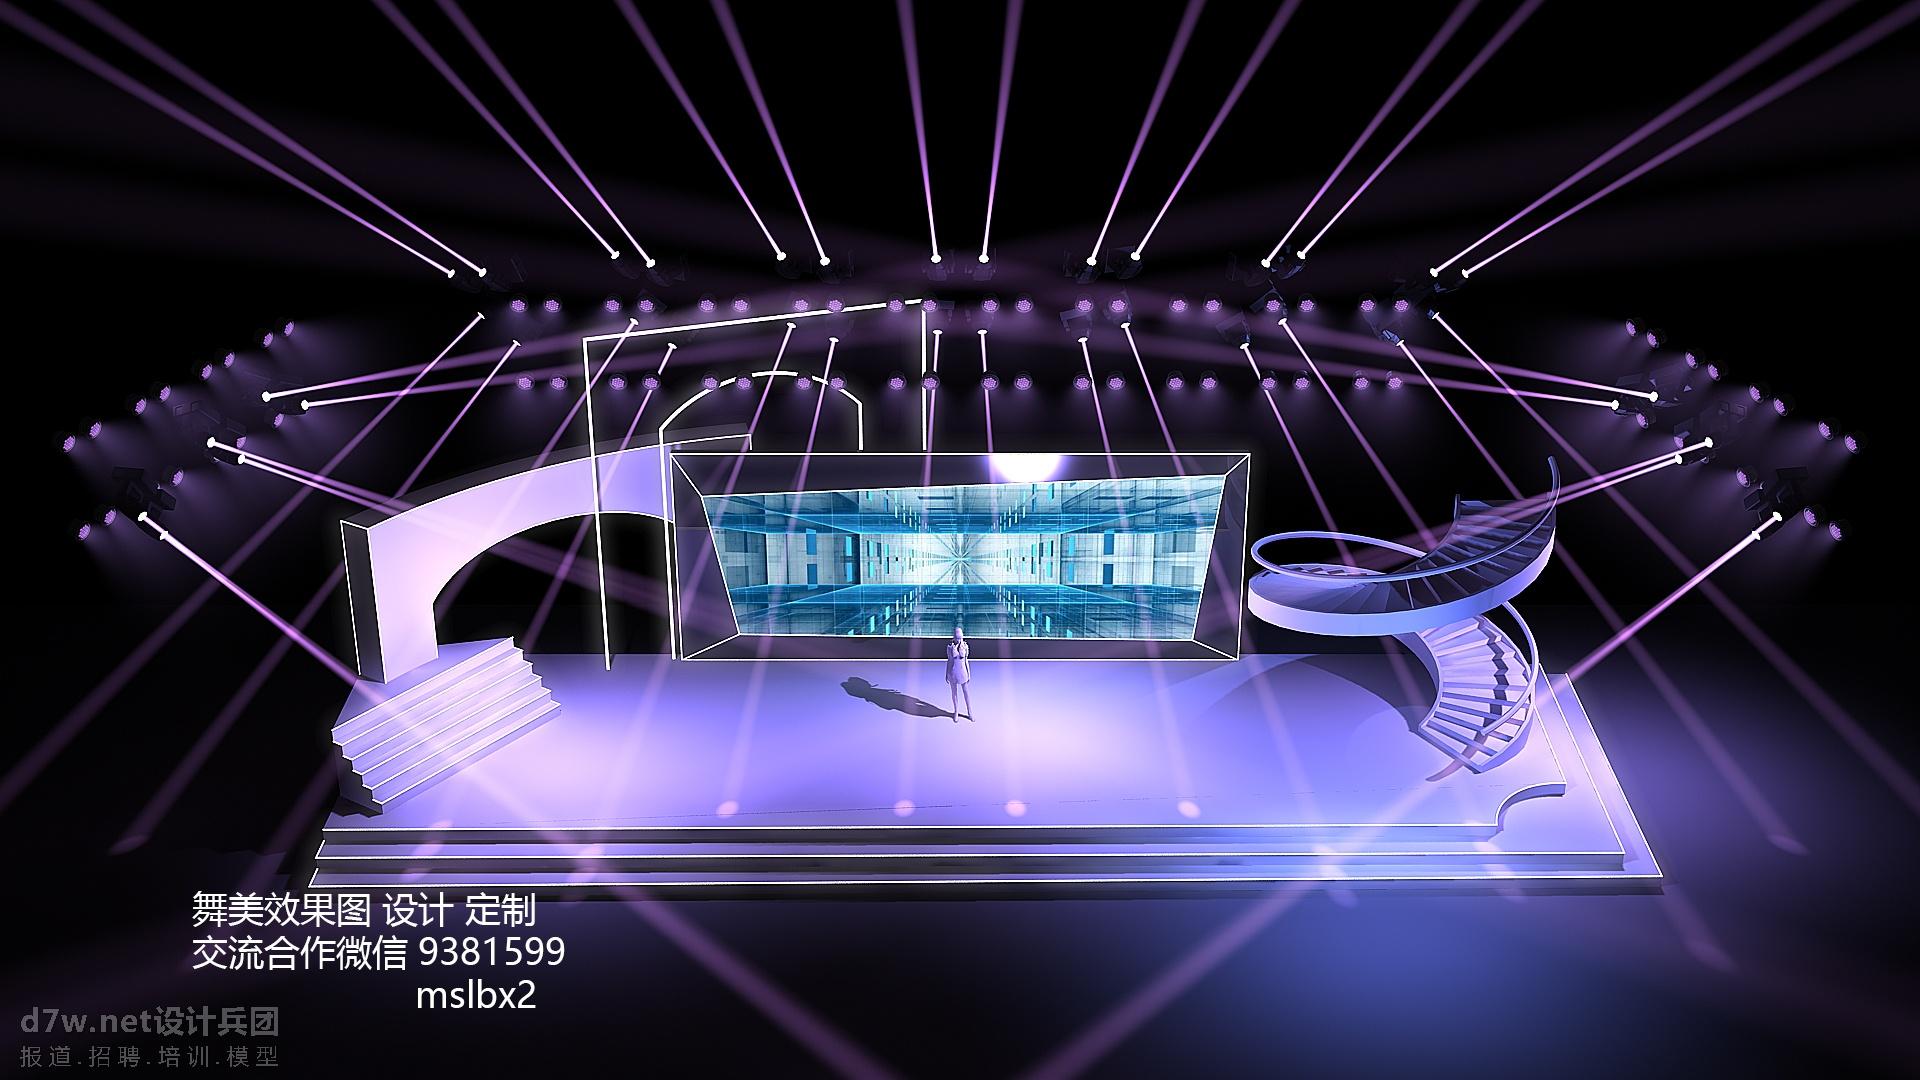 2020发布会 新闻发布会 新品发布会 发布会舞美 发布会舞台 舞美效果图 舞台效果图 舞美设计图 舞台设计图  ...